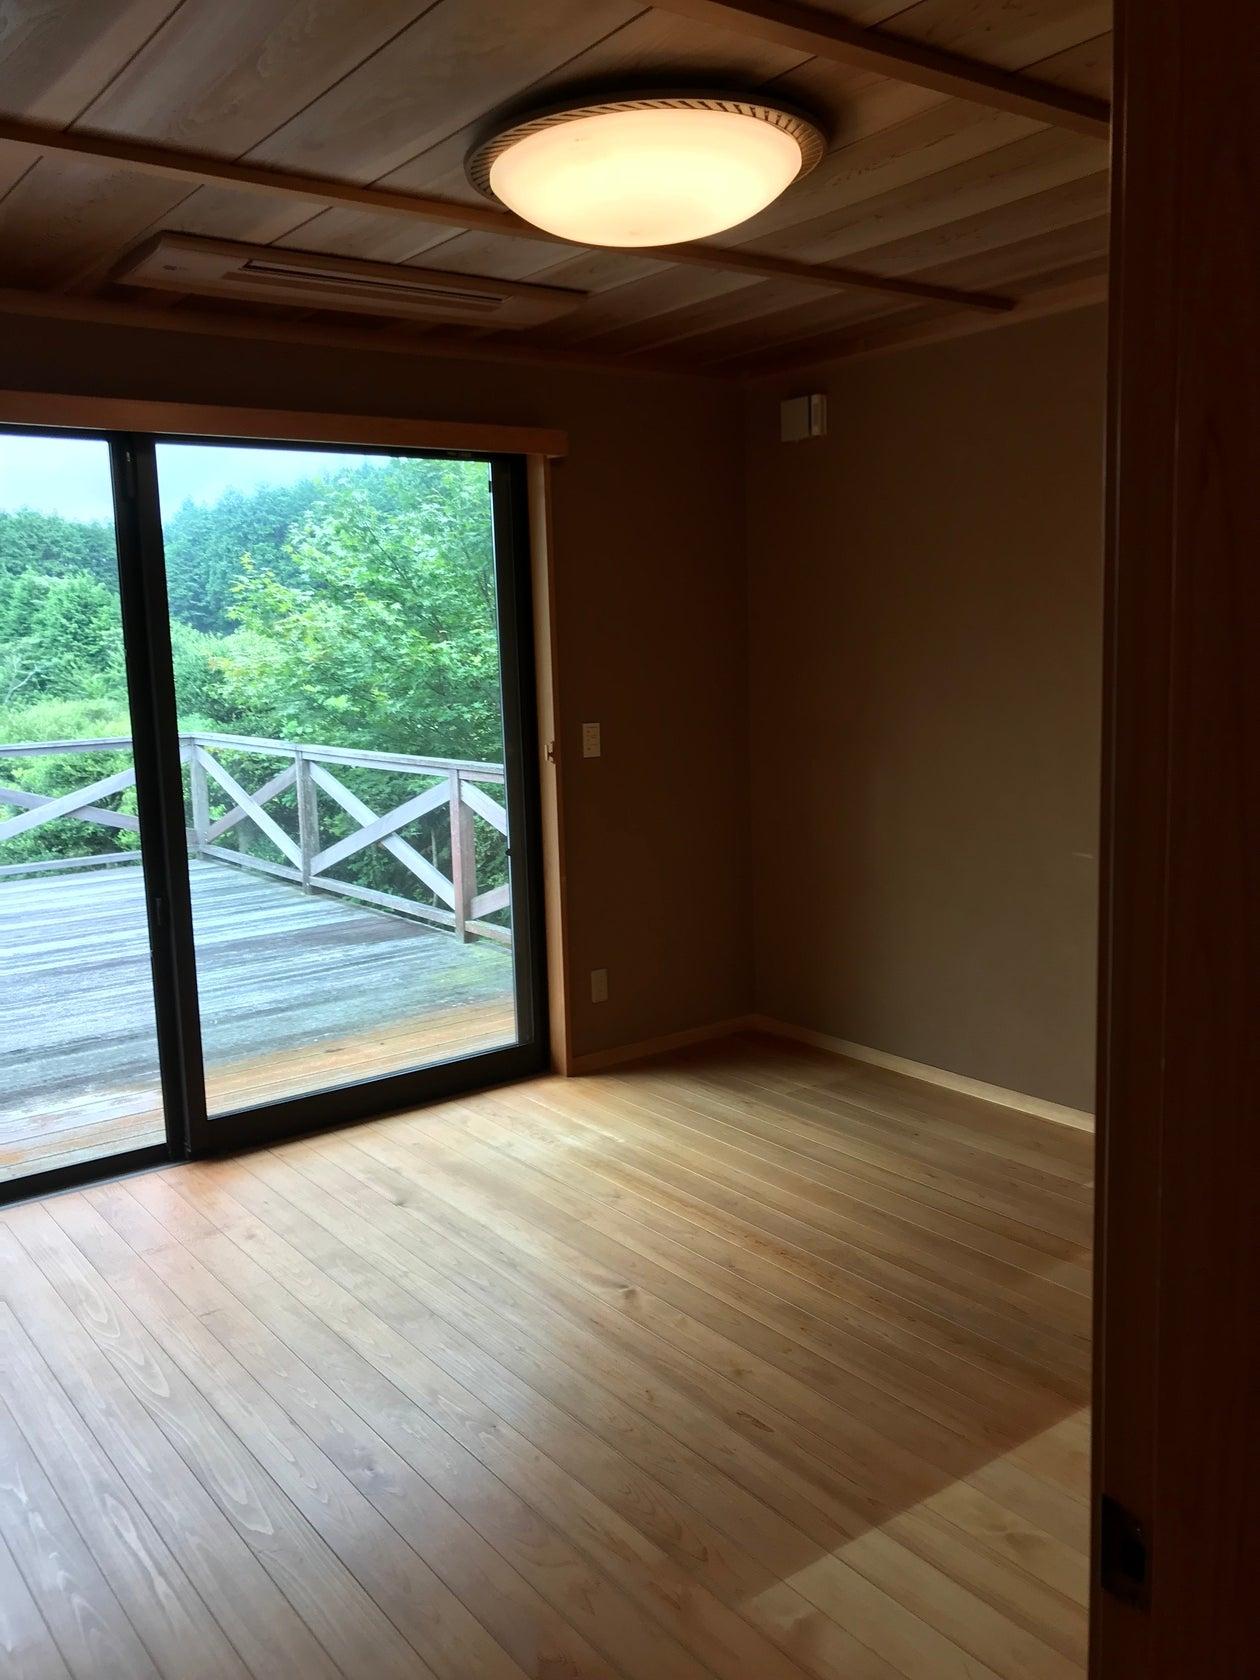 広いテラスがある木の香り豊かな純日本建築の戸建 の写真